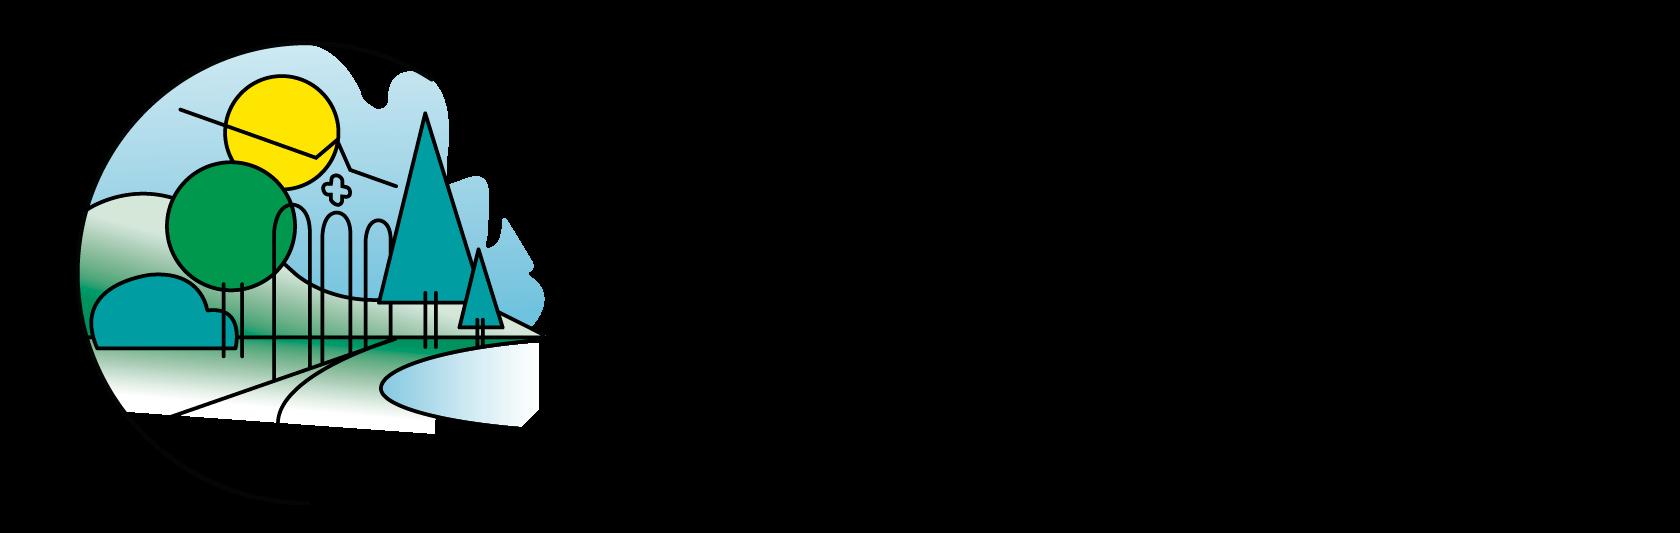 Logo-Bois-Dieu-horizontal